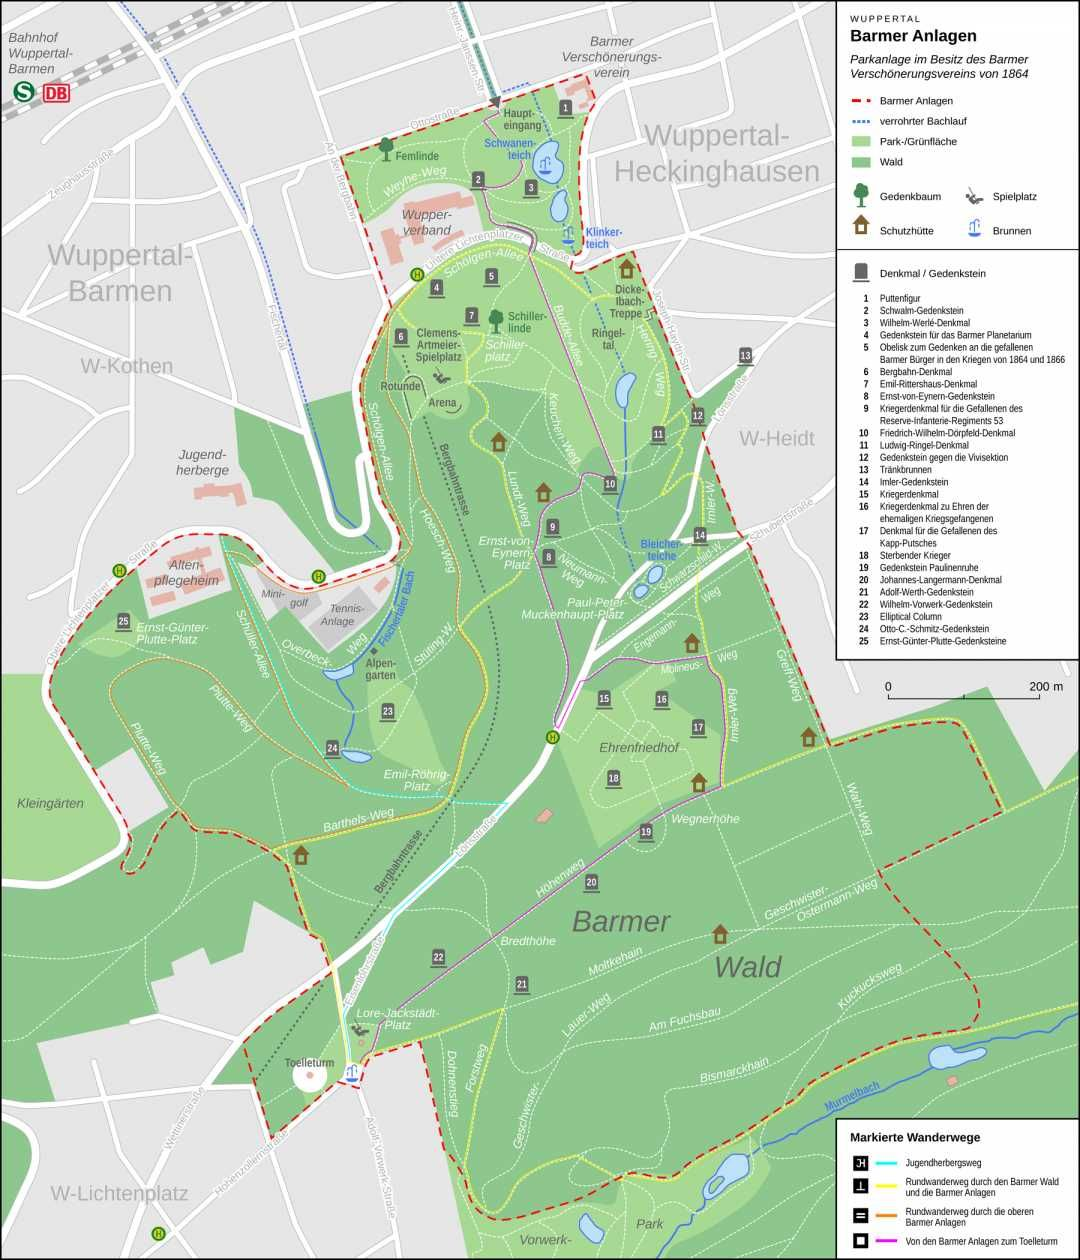 Garten 2000 Flensburg Offnungszeiten Von Unseren Lieblingsdesignern Von Garten 2000 Flensburg Mit Garten 2000 Flensburg Offnungszeiten Map Map Screenshot